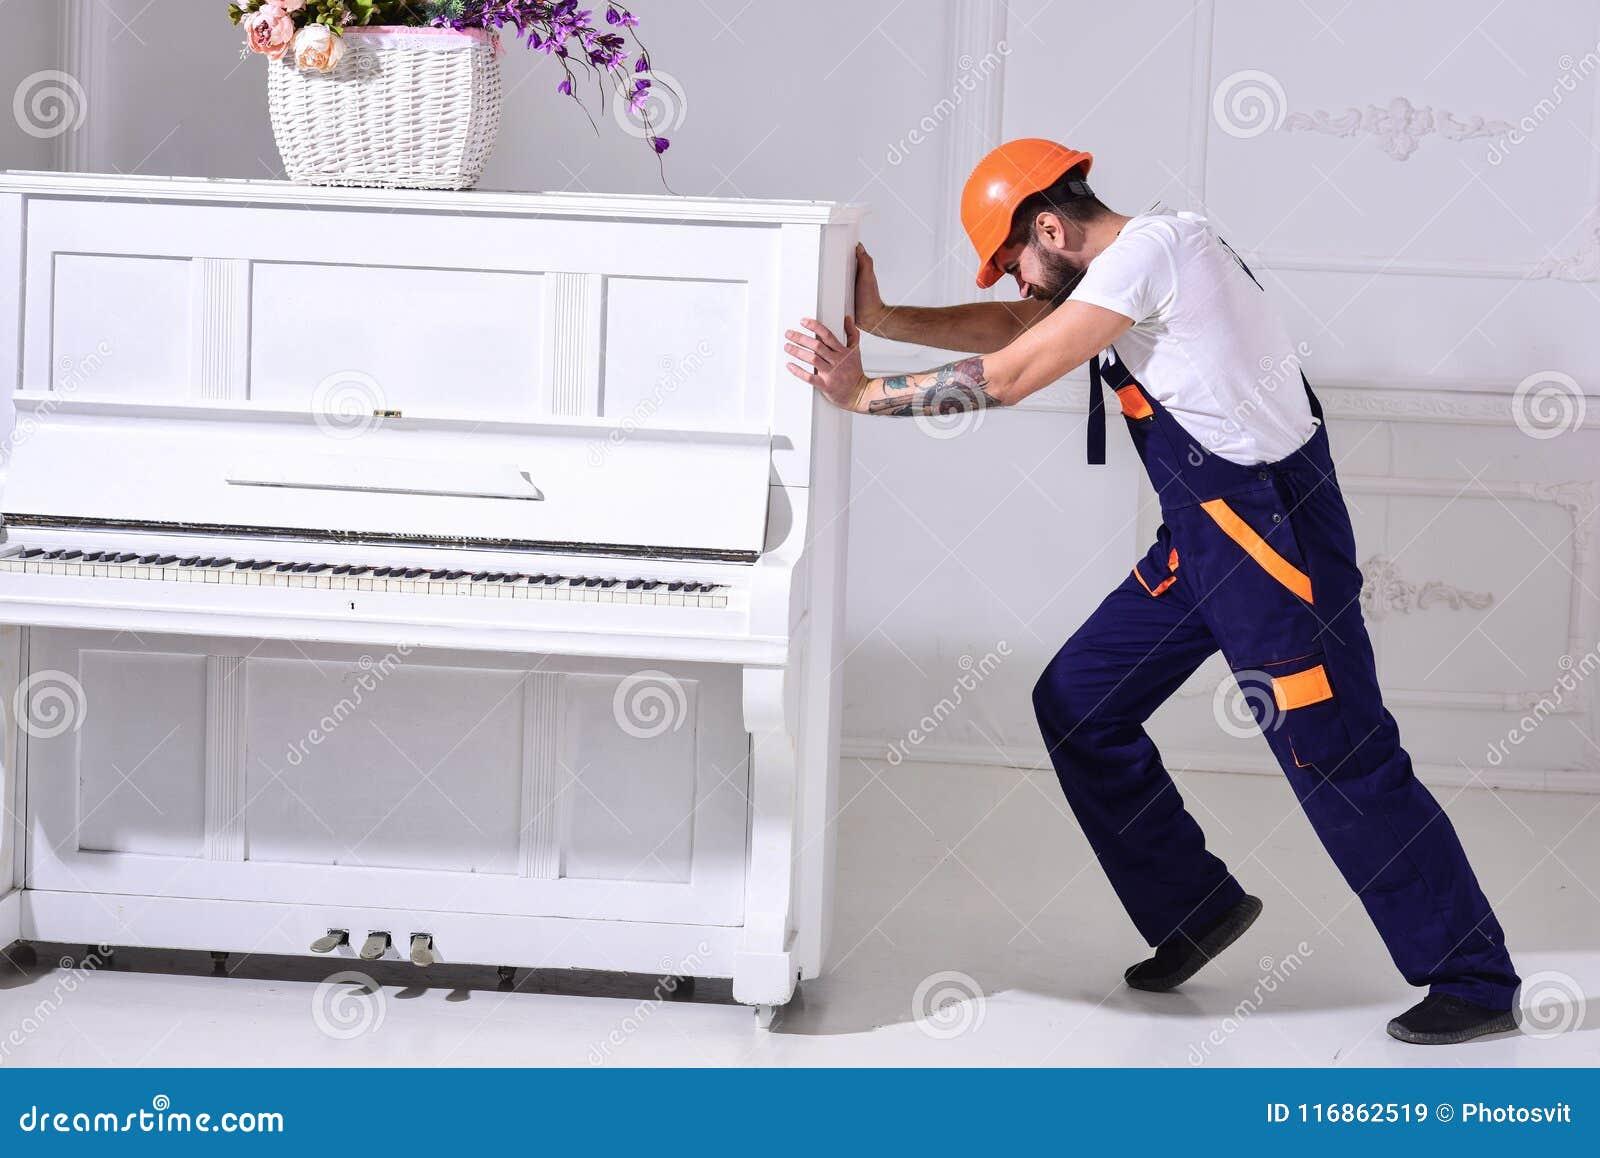 Zware ladingenconcept De lader beweegt pianoinstrument De koerier levert meubilair, beweging uit, verhuizing Mens met baard